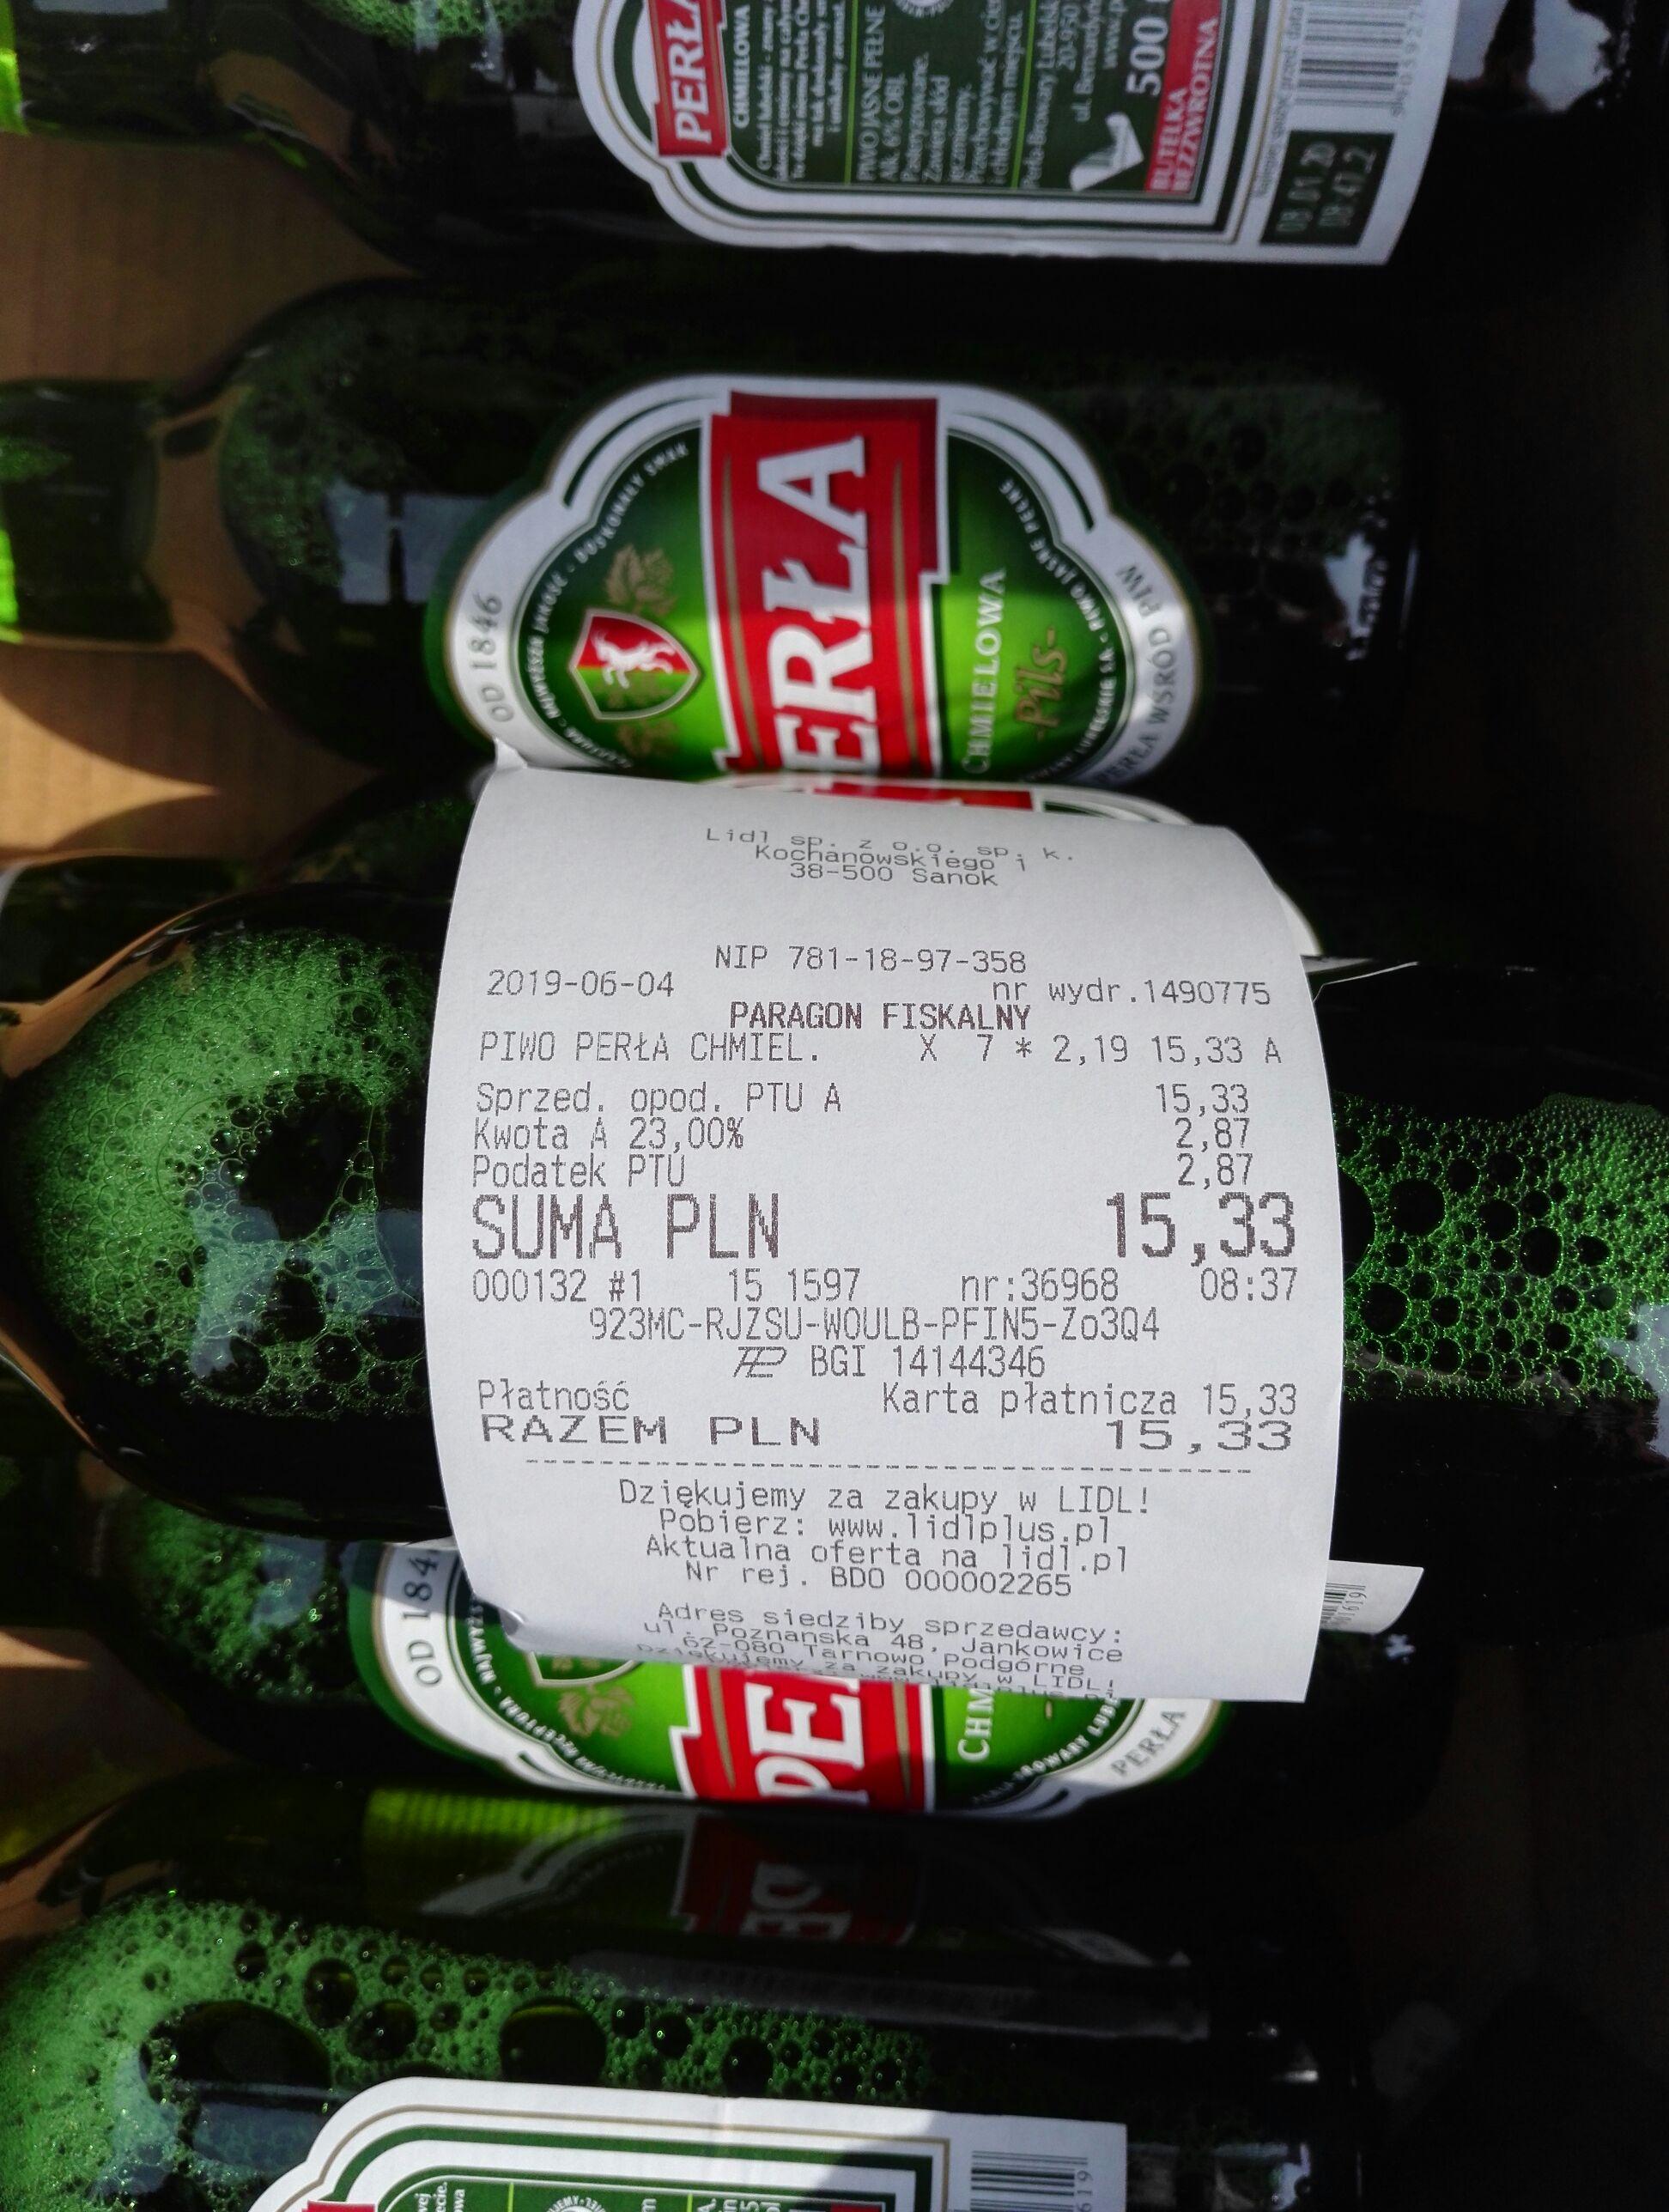 Piwo Perła Chmielowa, Export, Rześkie